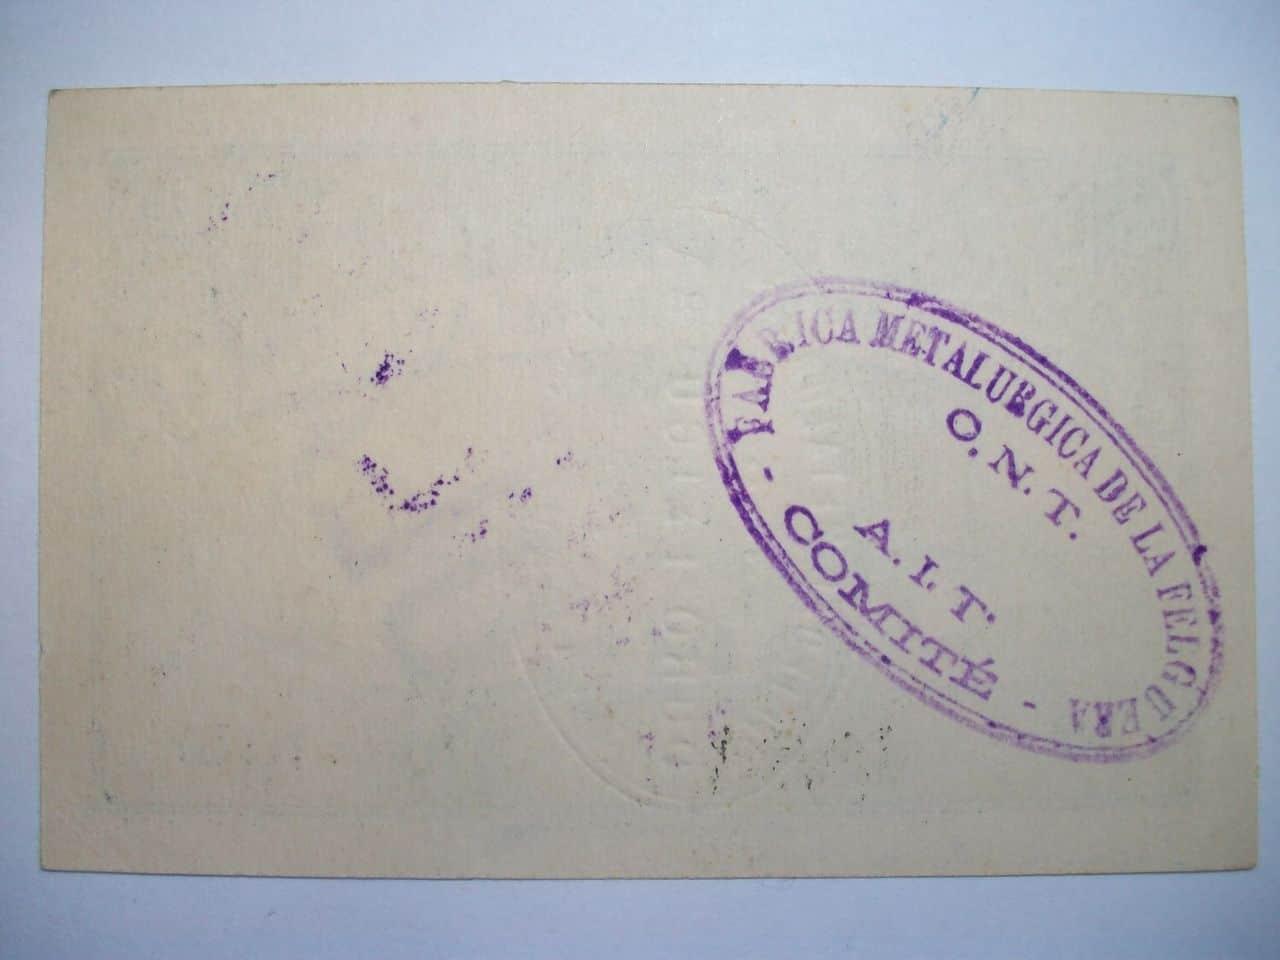 2 Ptas. Fábrica Metalúrgica de La Felguera. Marzo 1937. Anulado 100_1601